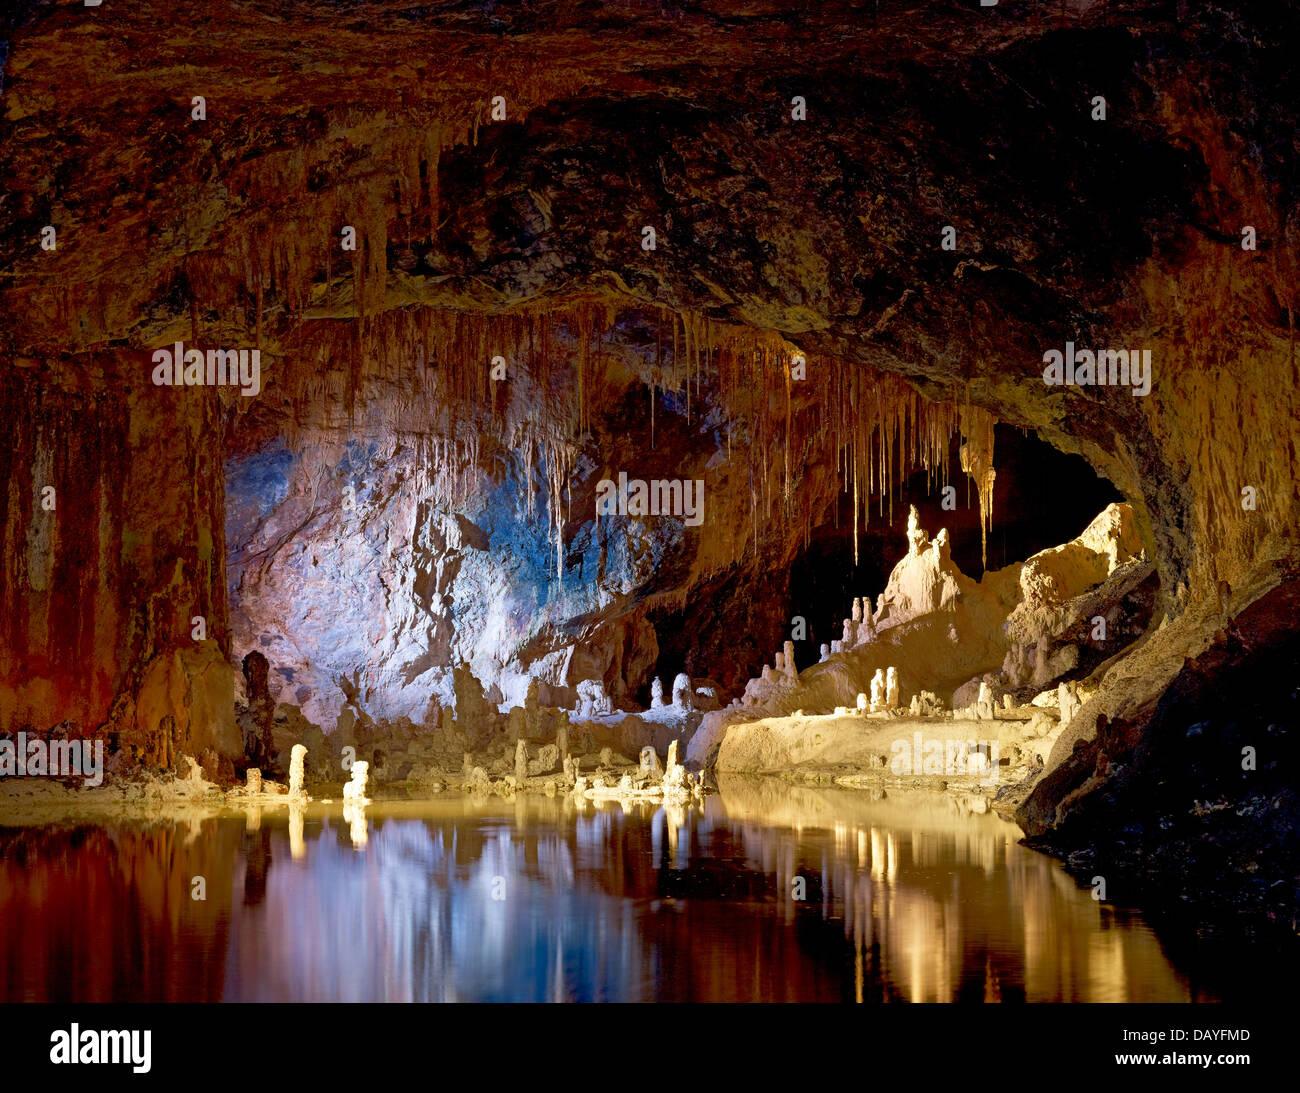 Fairytale cave of Saalfeld Fairy Grottoes, Saalfeld, Thuringia, Germany - Stock Image